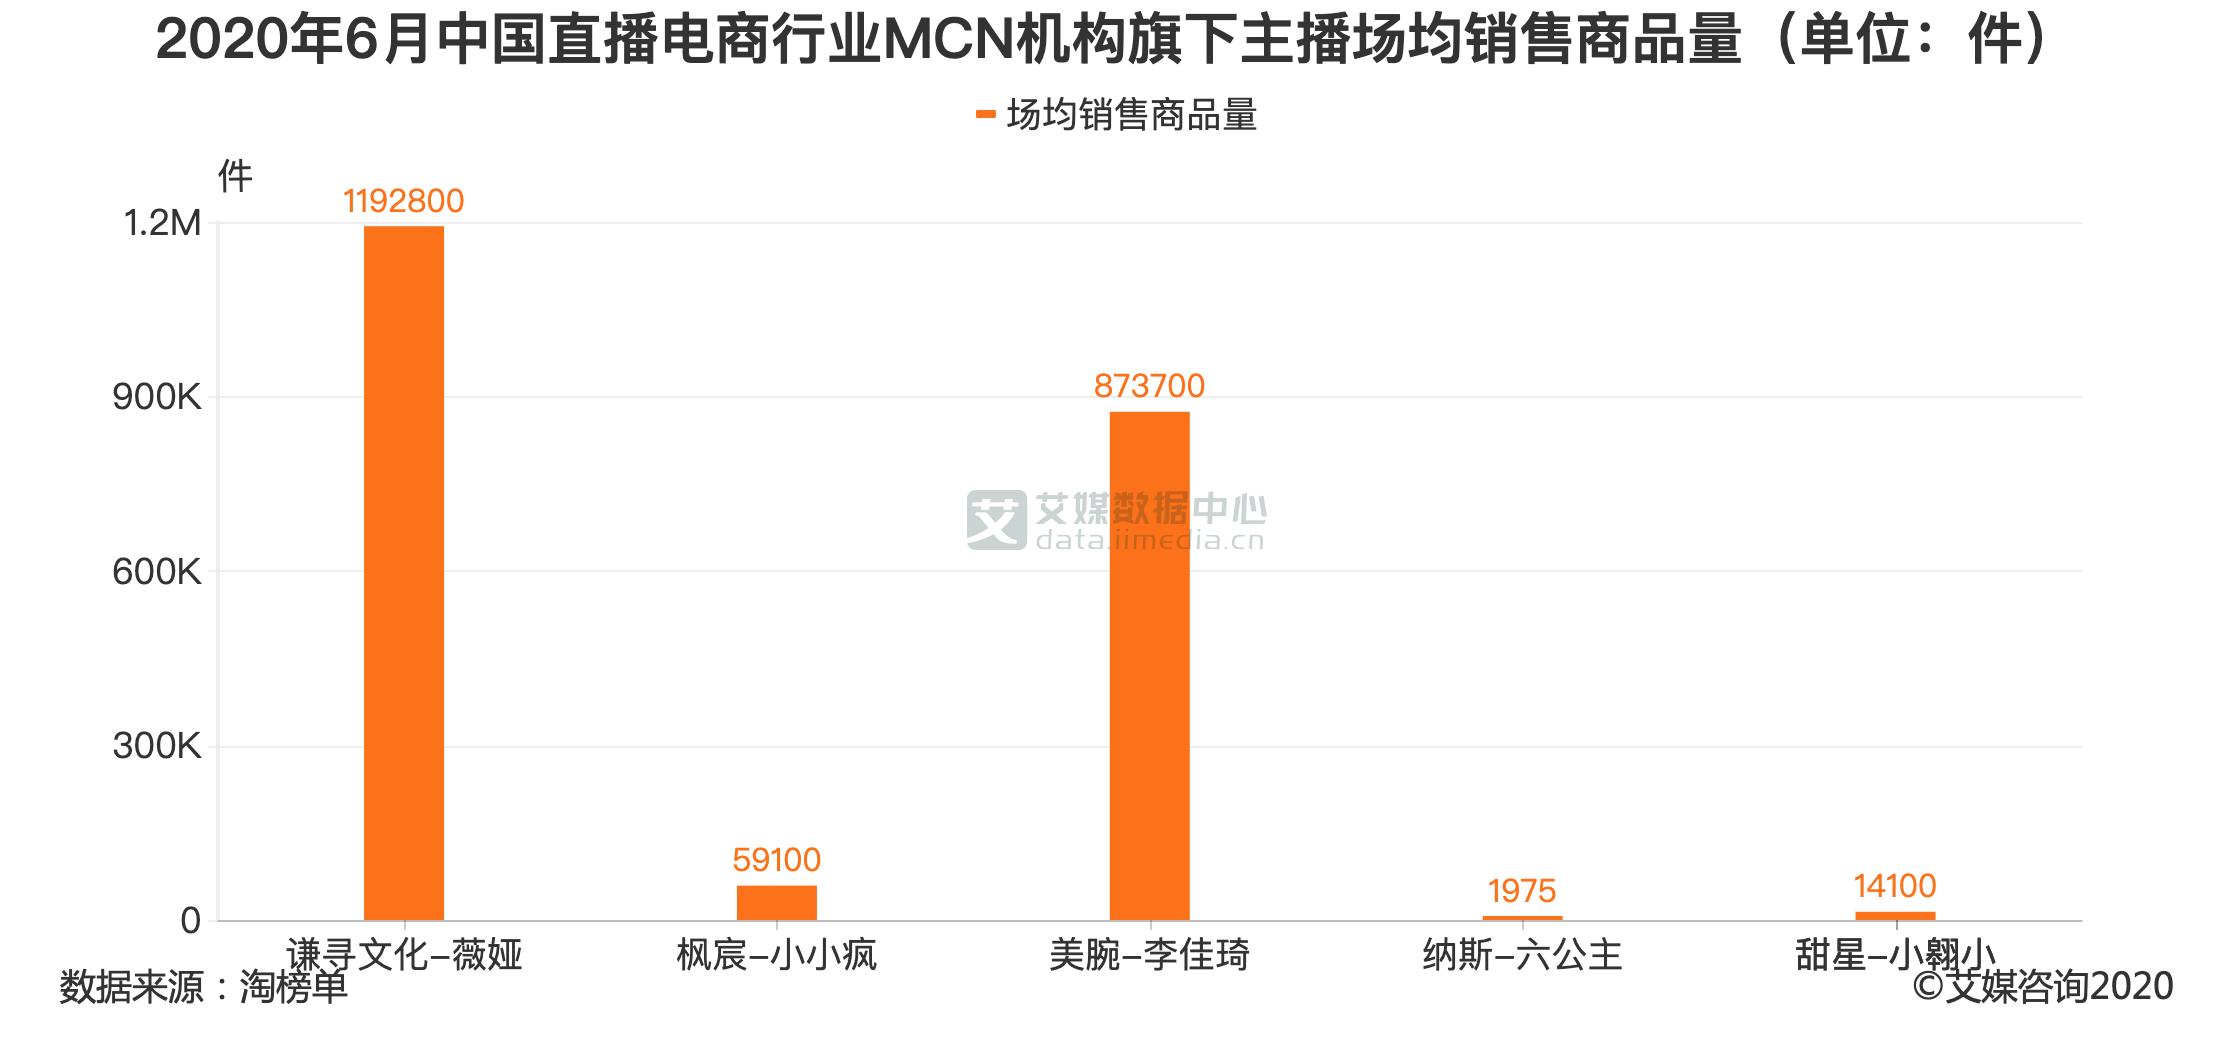 2020年6月中国直播电商行业MCN机构旗下主播场均销售商品量(单位:件)